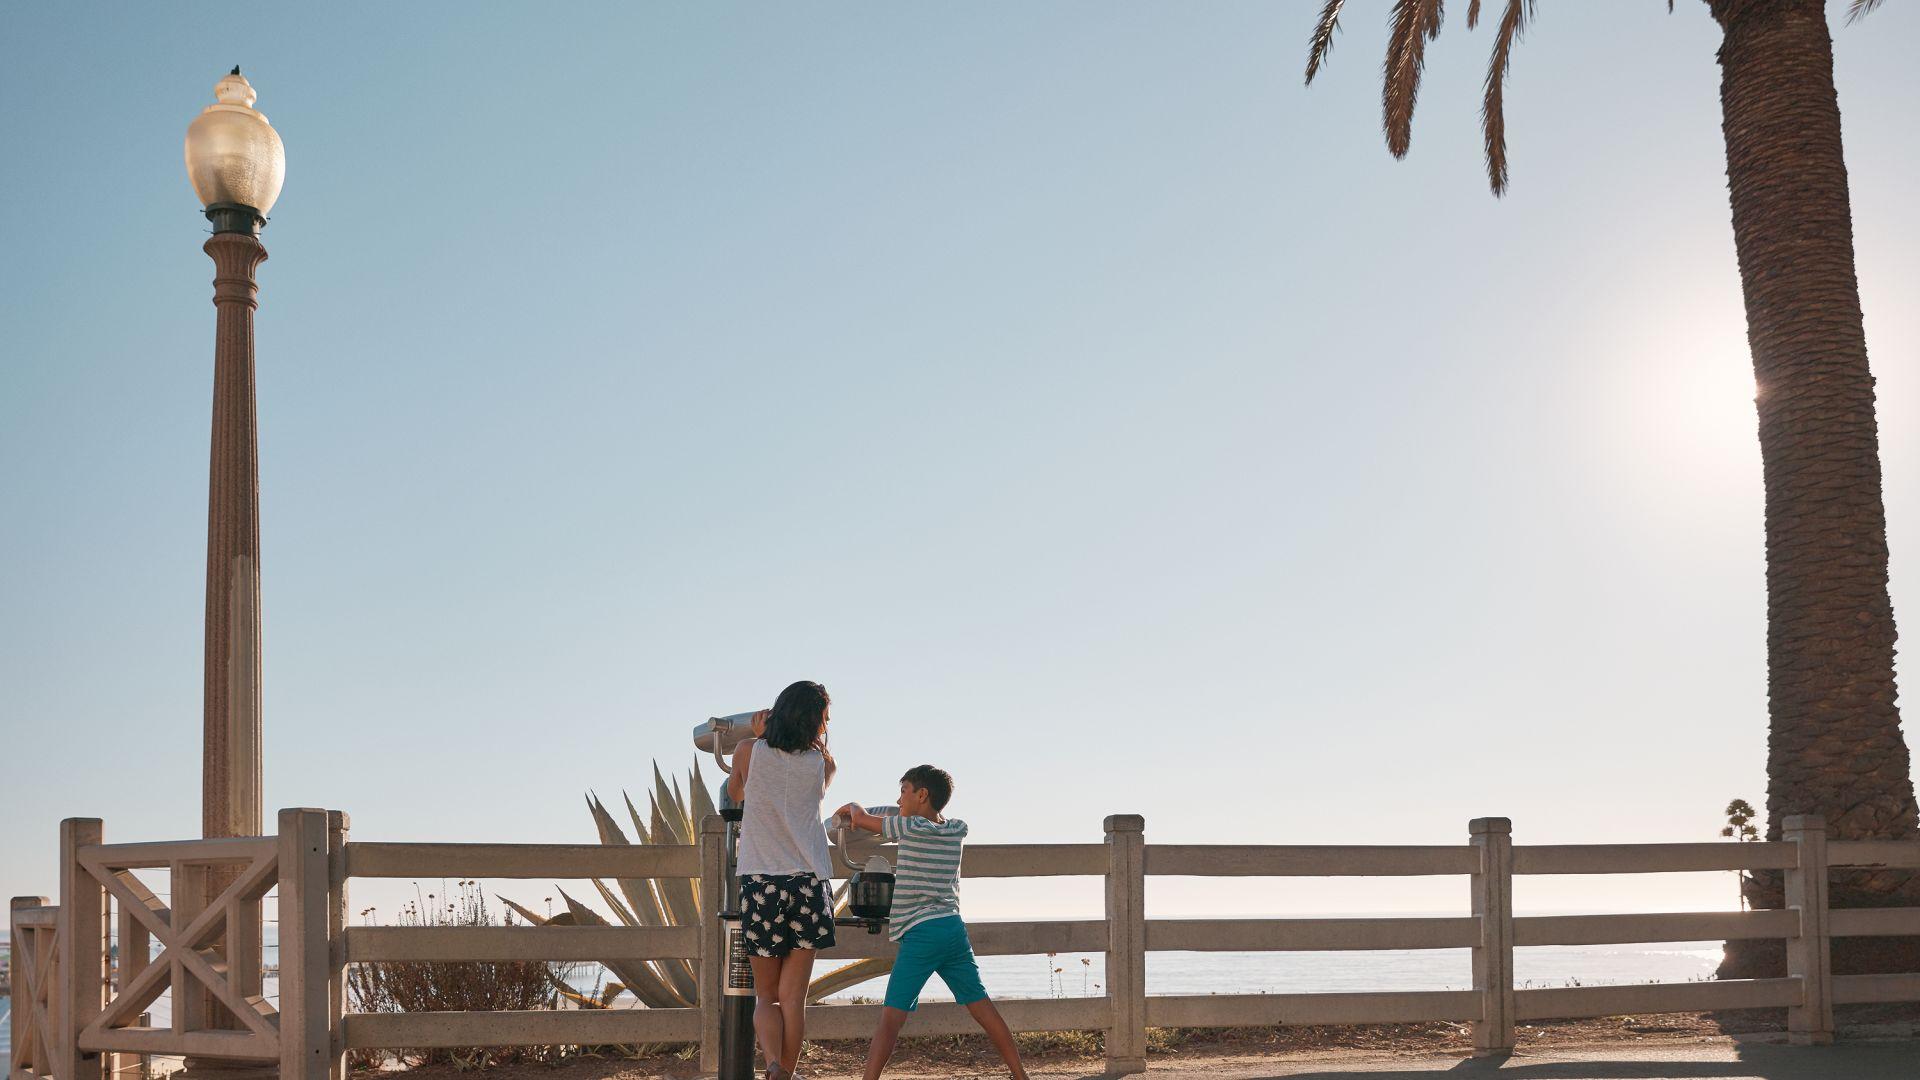 &lt;strong&gt; Profitez de la semaine de relâche | Des vacances en famille sans soucis</strong>|Un merveilleux|endroit où se promener|Offres du printemps